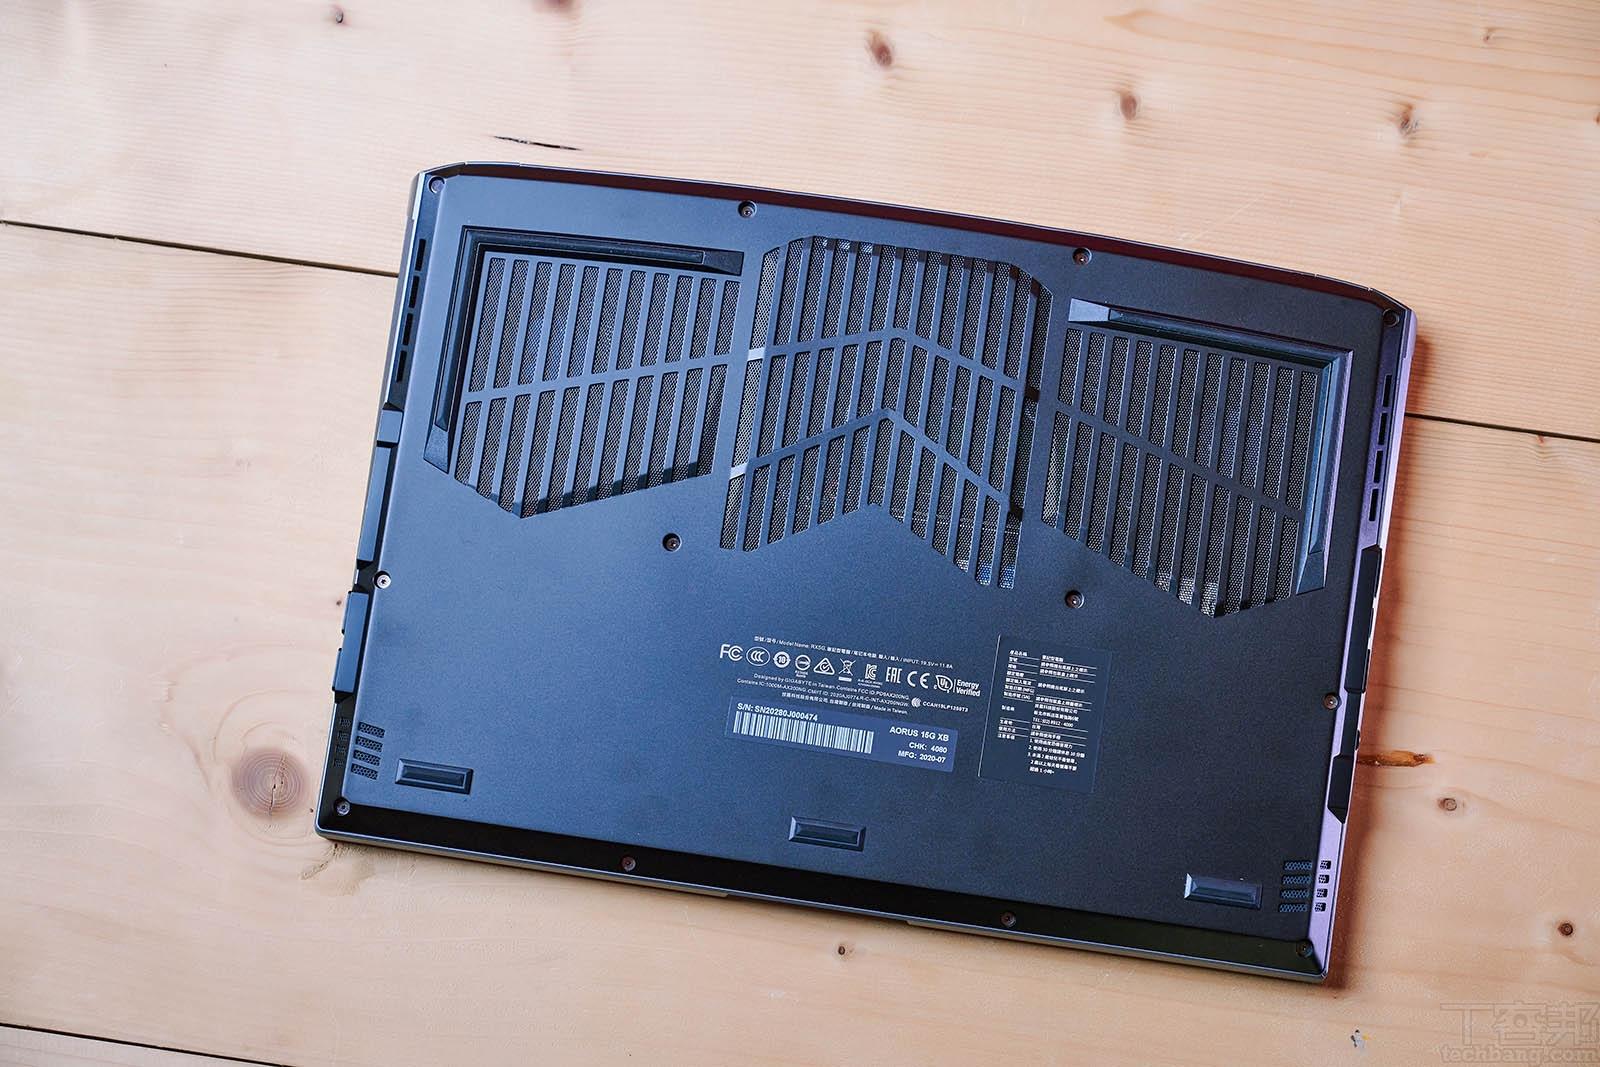 在機身底部可見具備三個大型的散熱進風孔,另外靠近筆電前端的左右側,則有立體聲揚聲器。